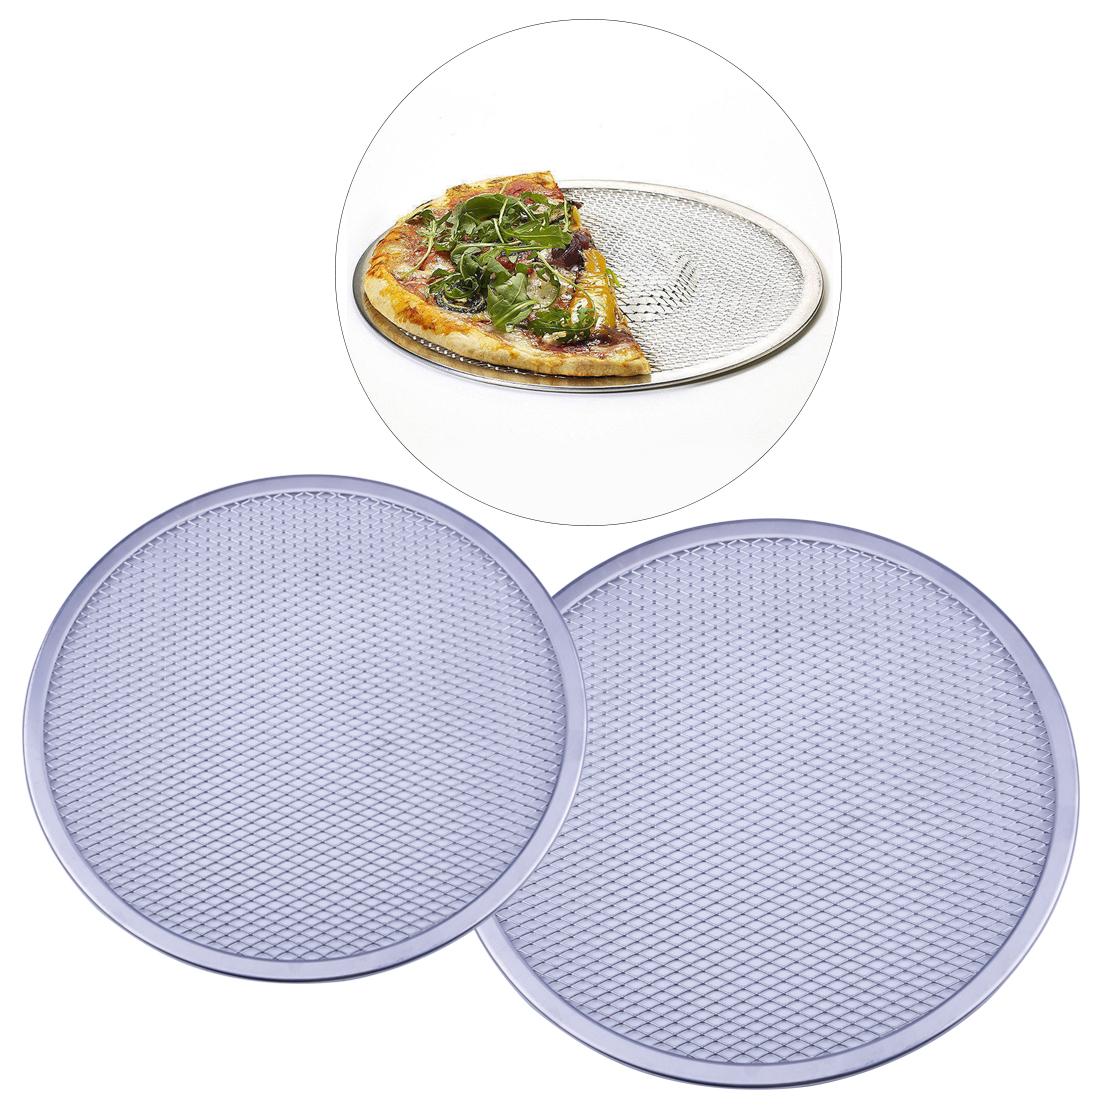 DE Aluminium runden Pizzagitter Pizza Gitter Screen Pizza Pizzascreen Pizzamatte